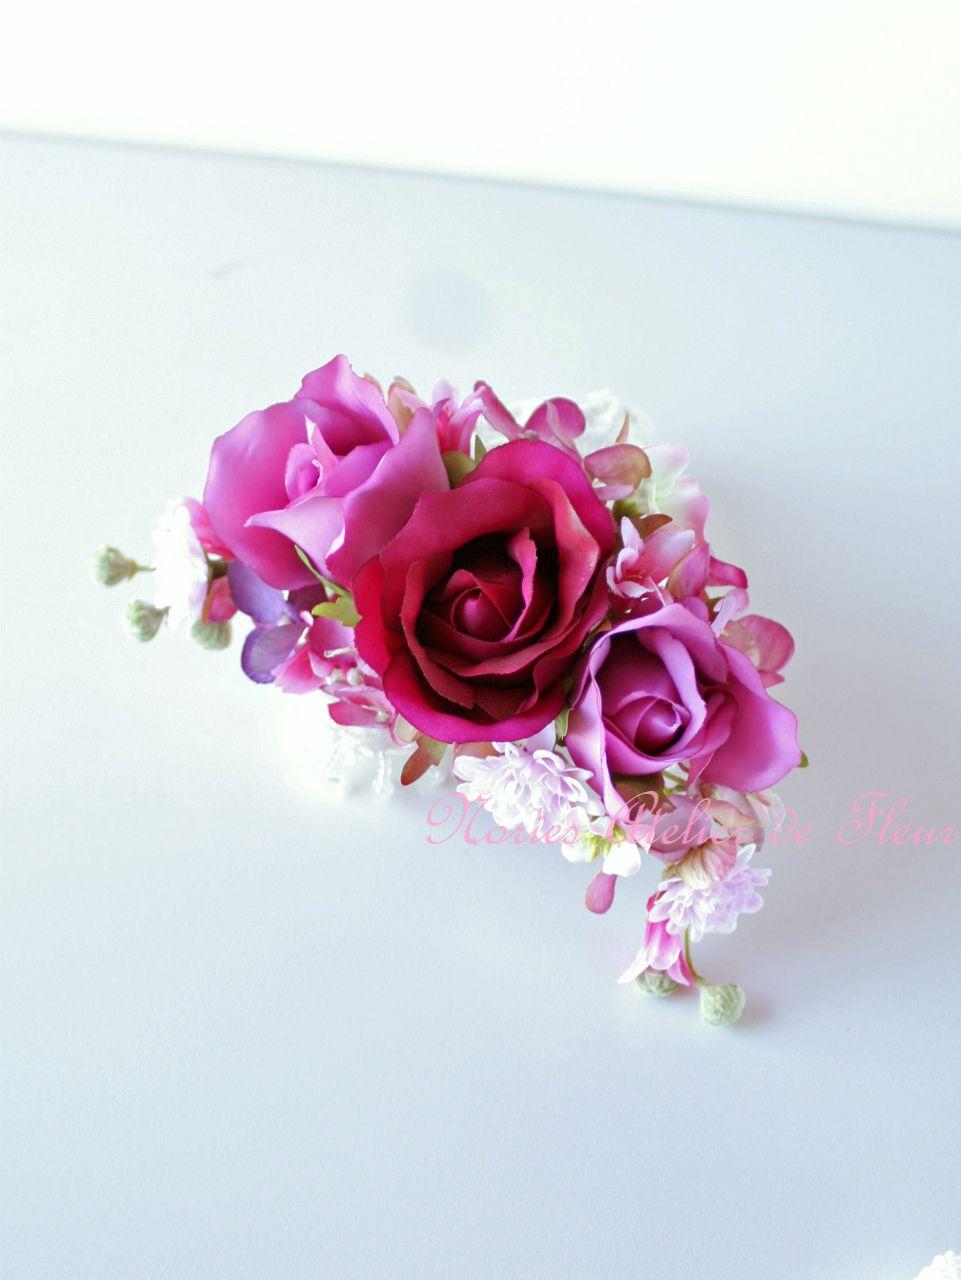 ブーケと同じテイストのお花で制作した三日月型のヘアオーナメント